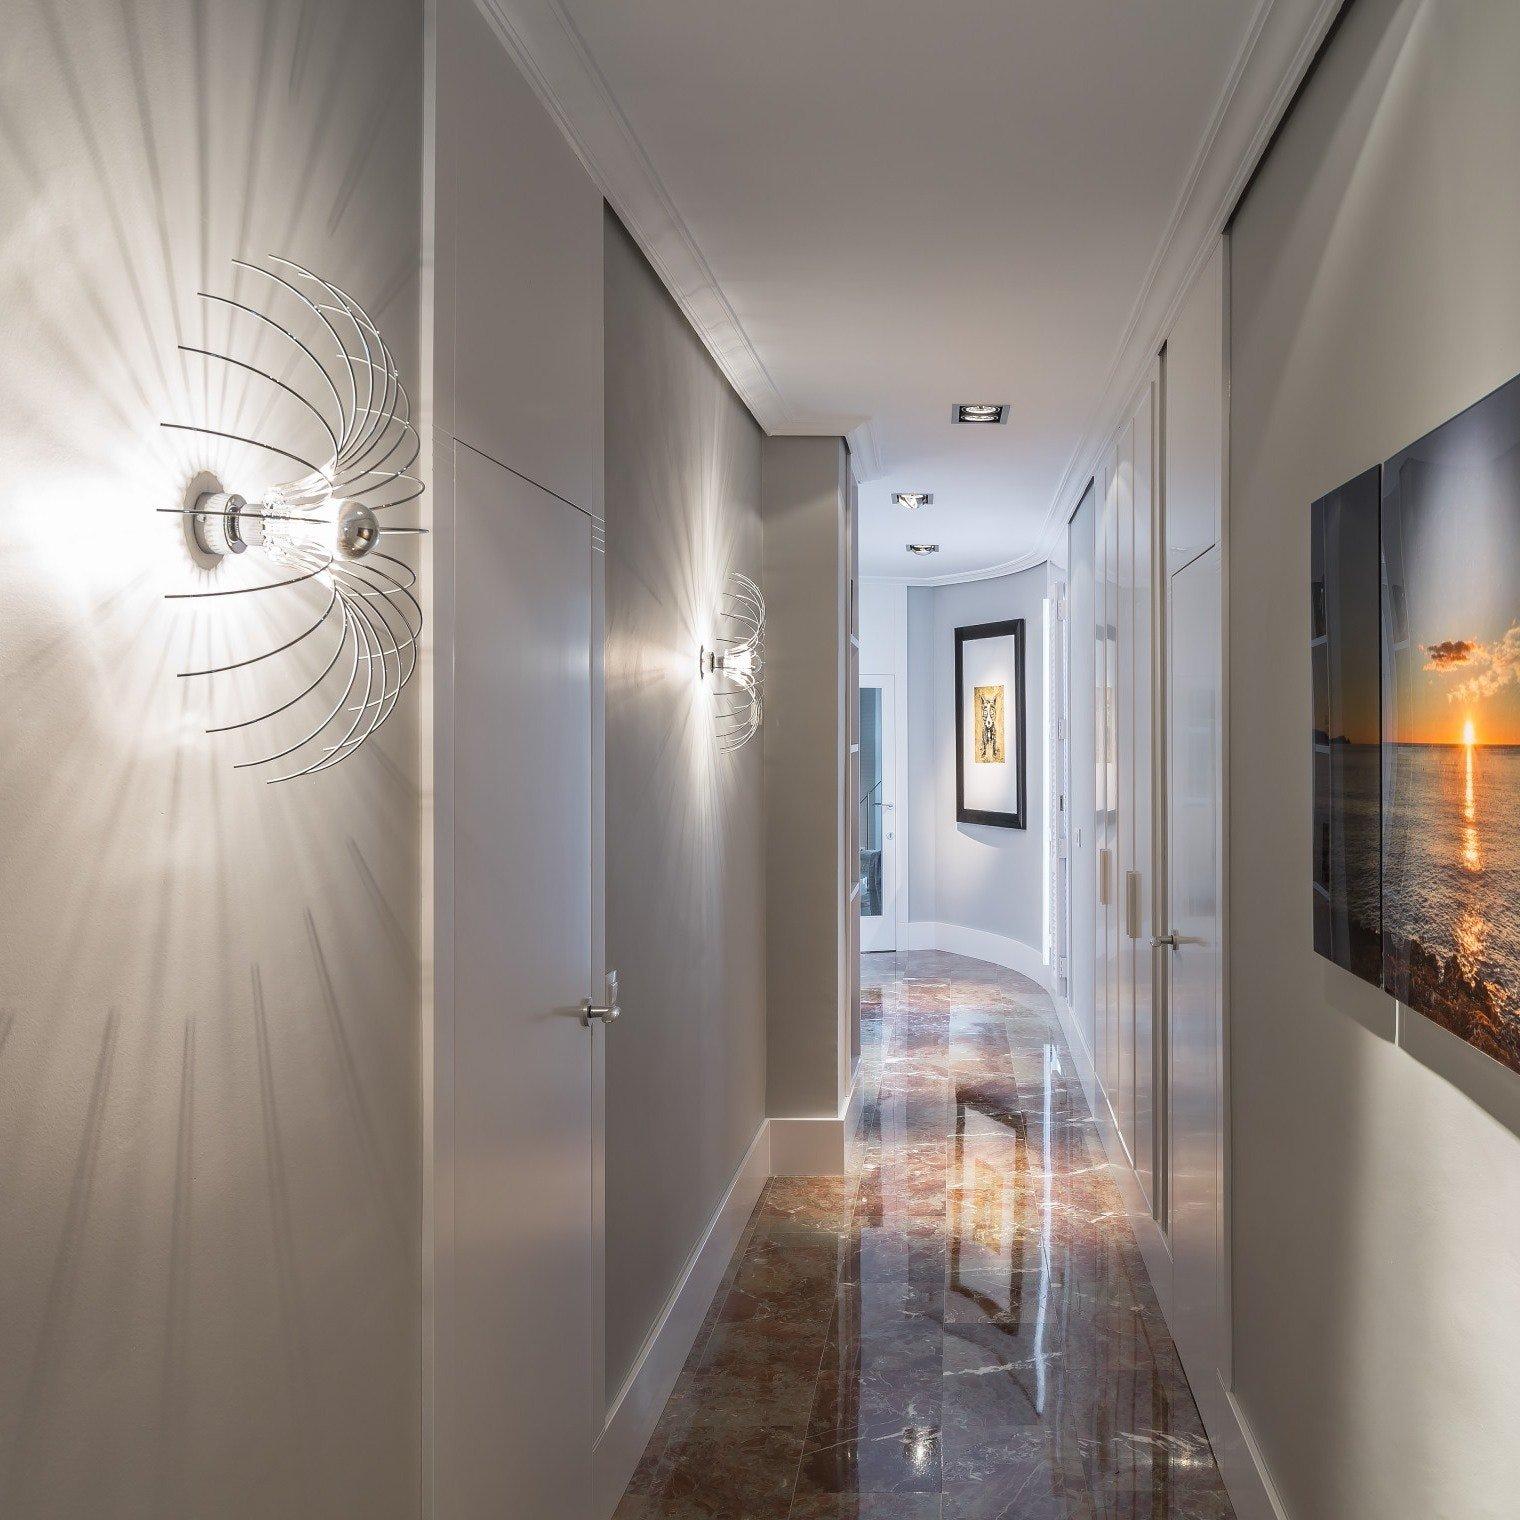 Освещение многоквартирного дома – нормы